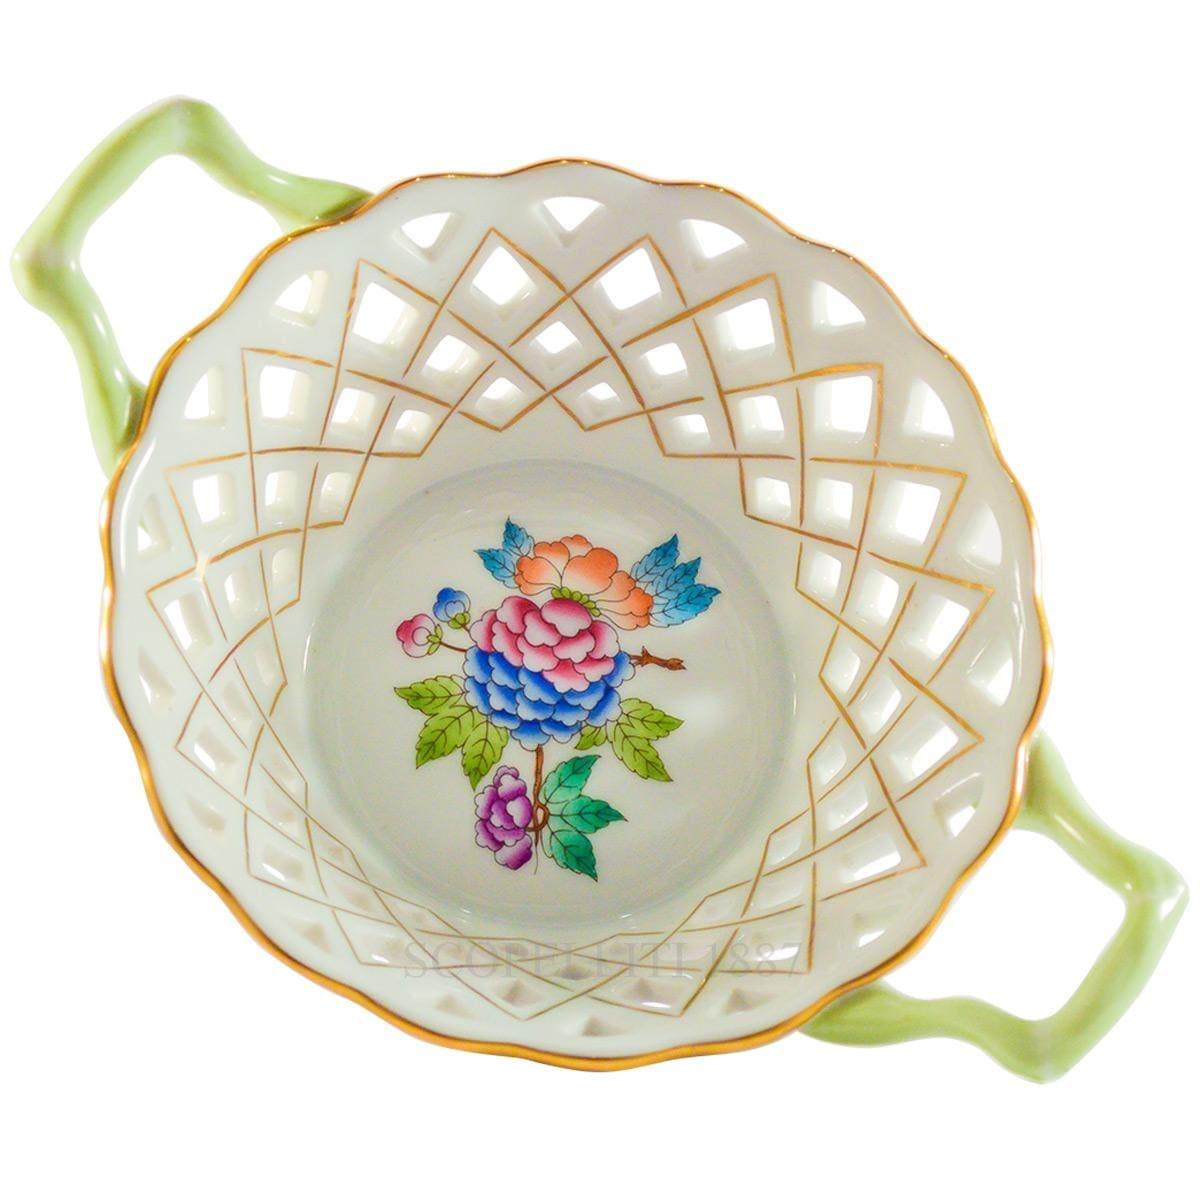 herend porcelain queen victoria basket weave